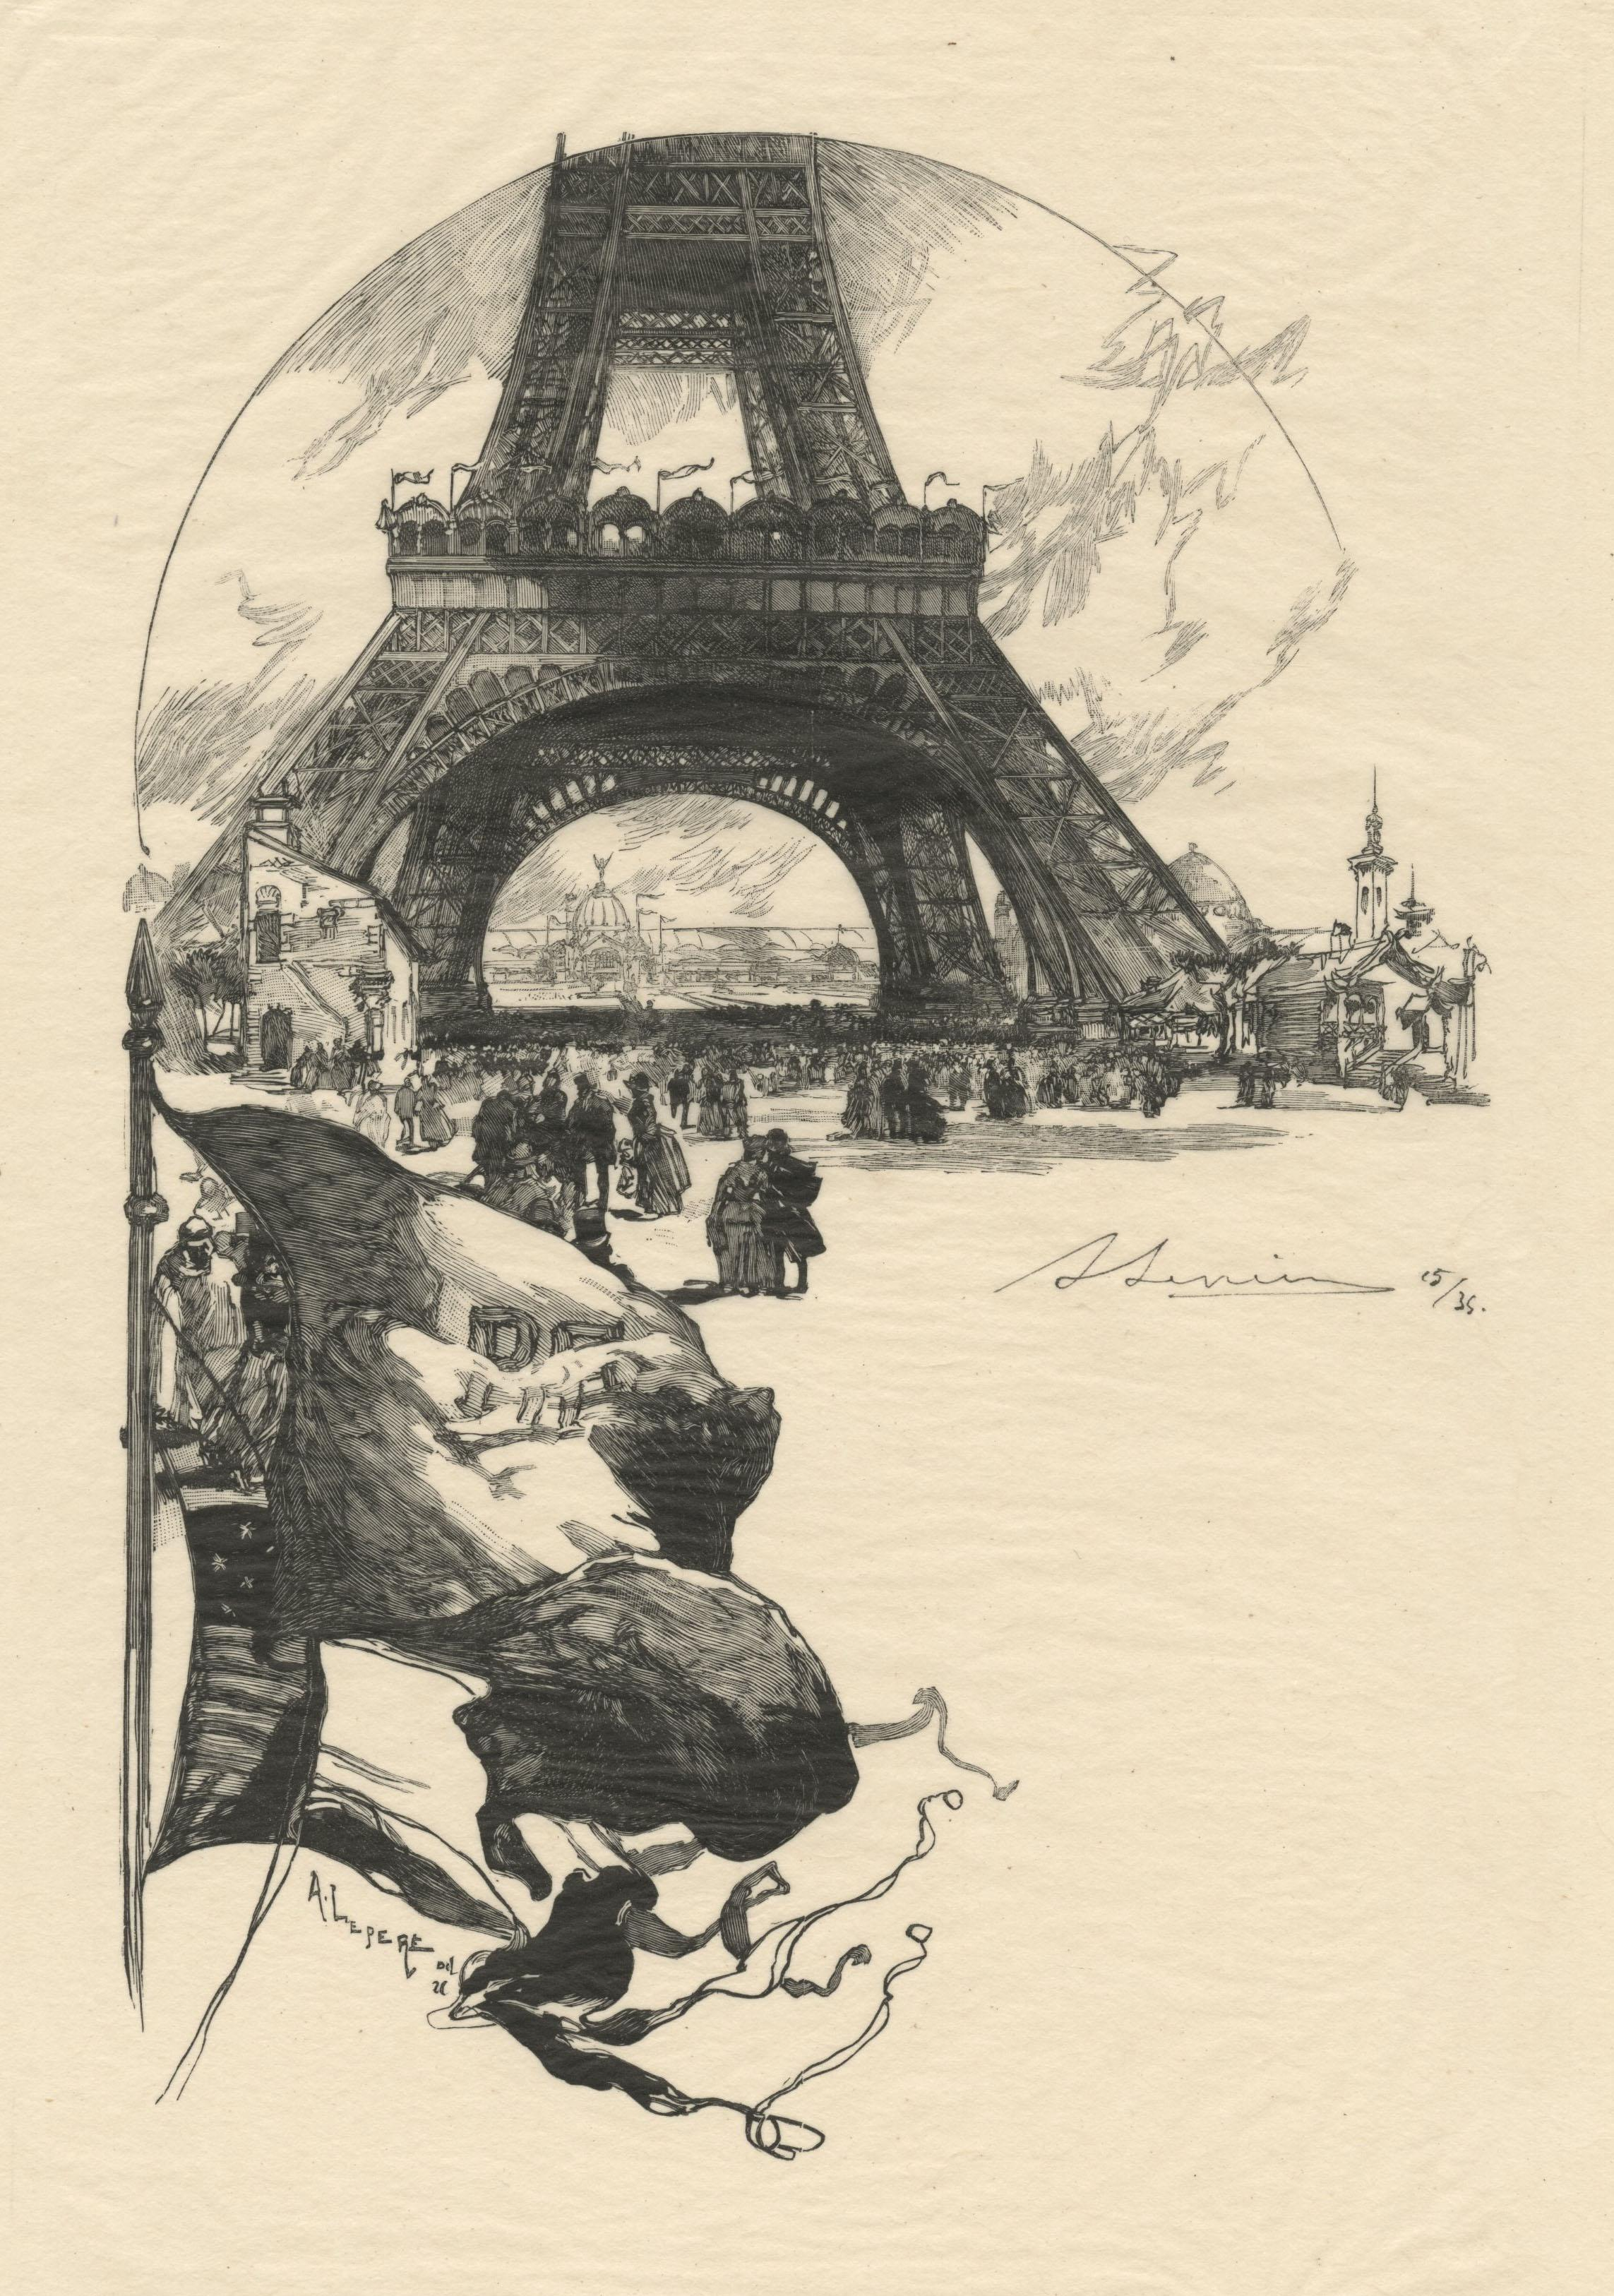 A l'Exposition Universelle: La Tour Eiffel